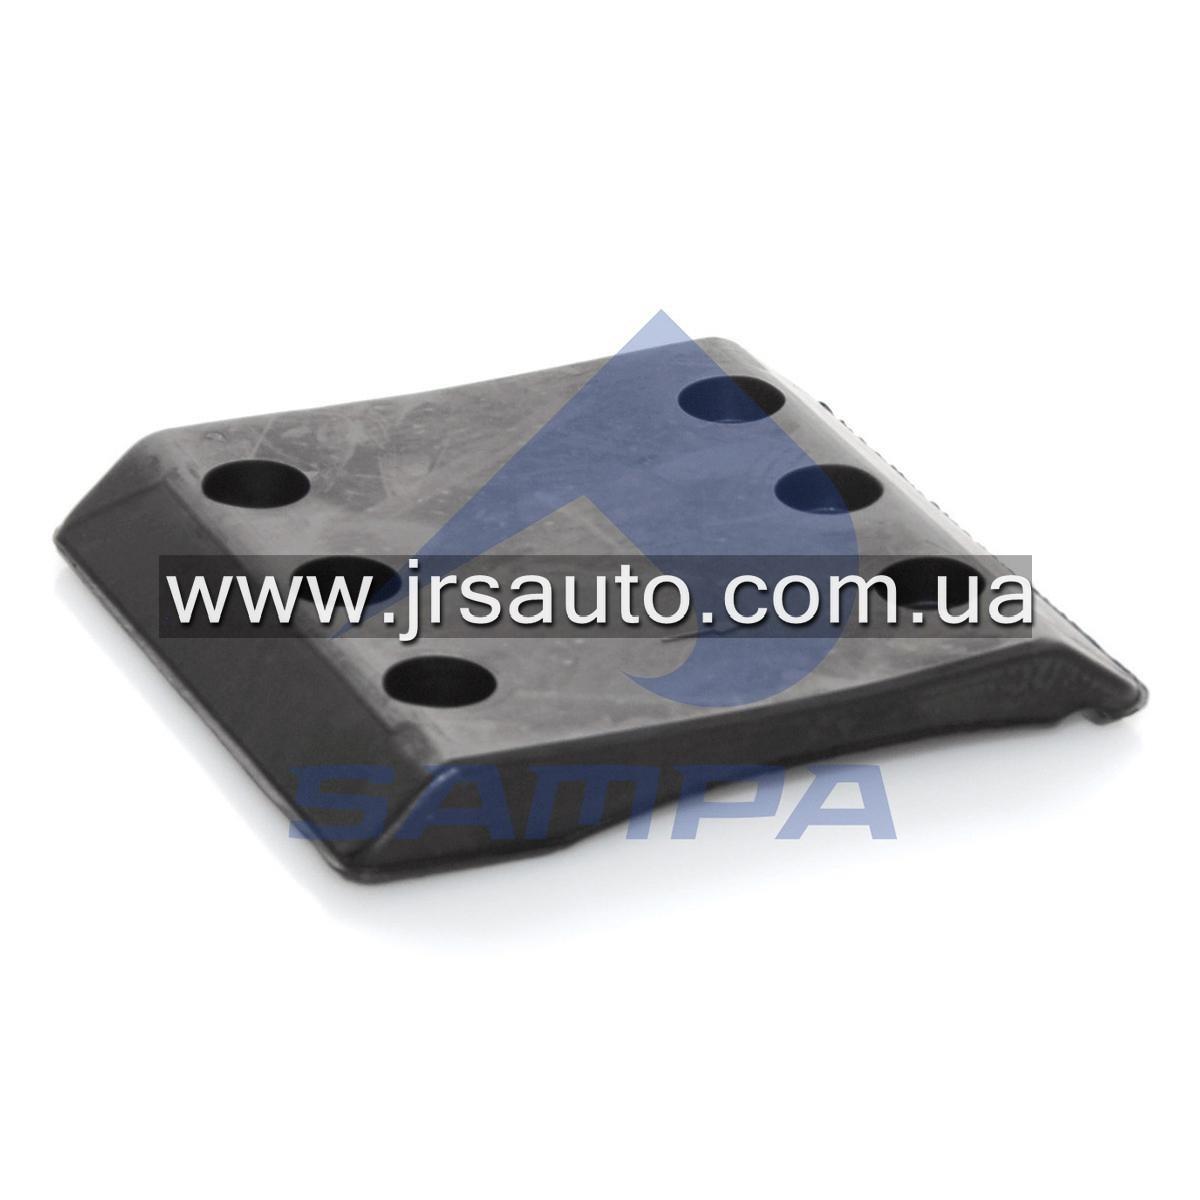 Подушка подвески седла низ JSK 37 A-B-C. SK 2105-25 \SK210525 \ 095.046